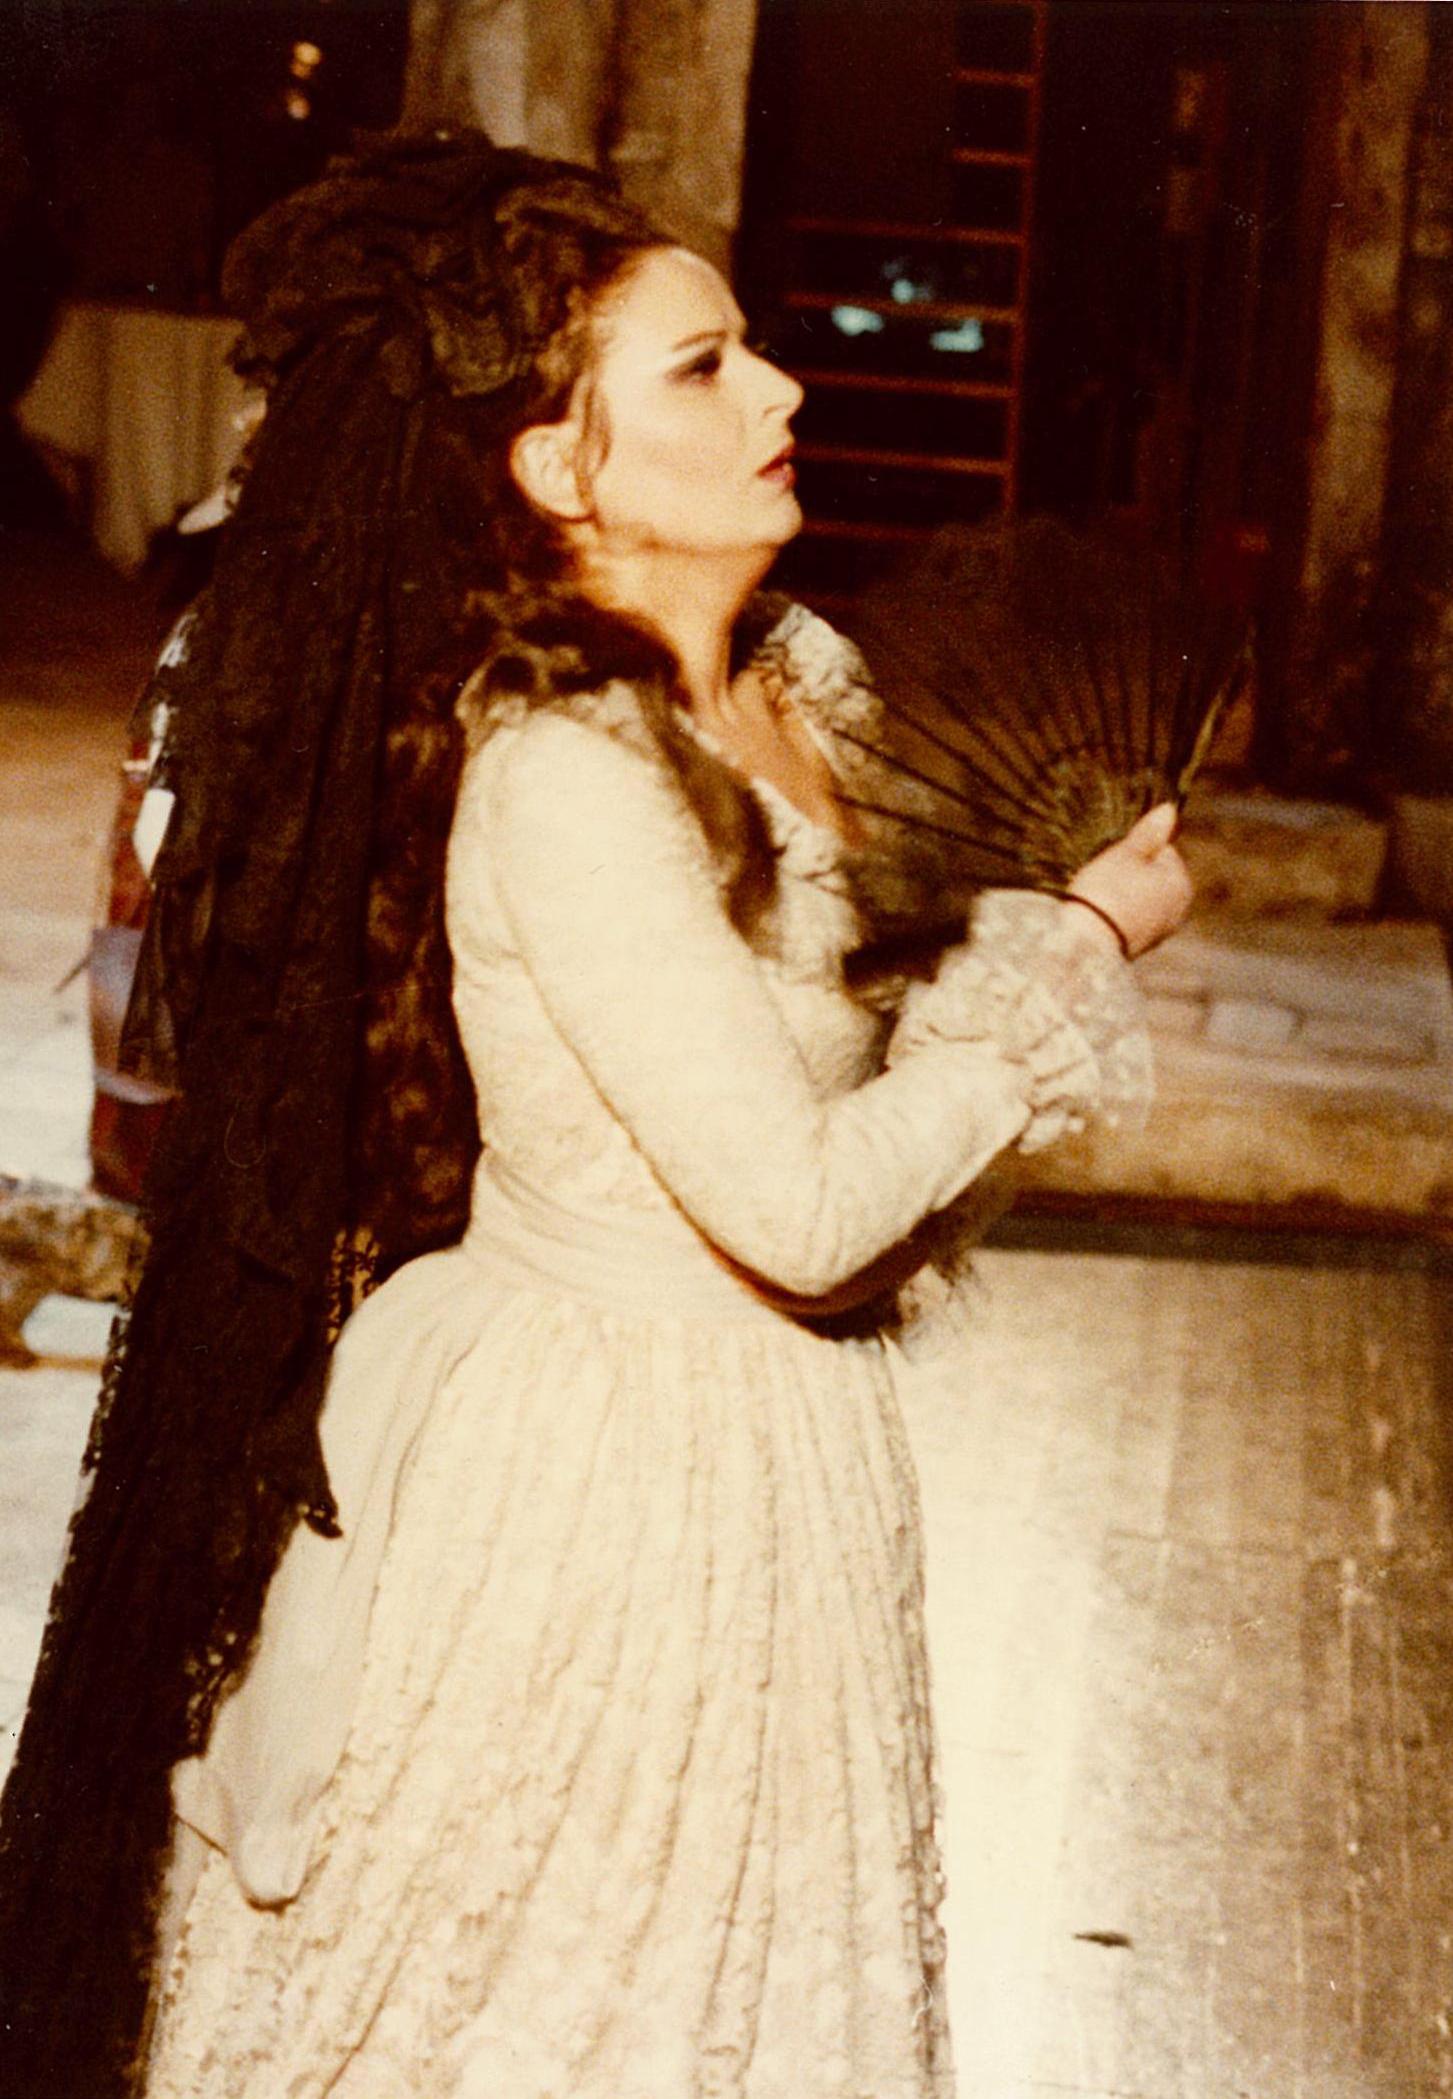 Théâtre des Champs Elysées, ParisDonna Elvira în Don Giovanni de Mozart în regia lui Jean-Pierre Ponnelle.